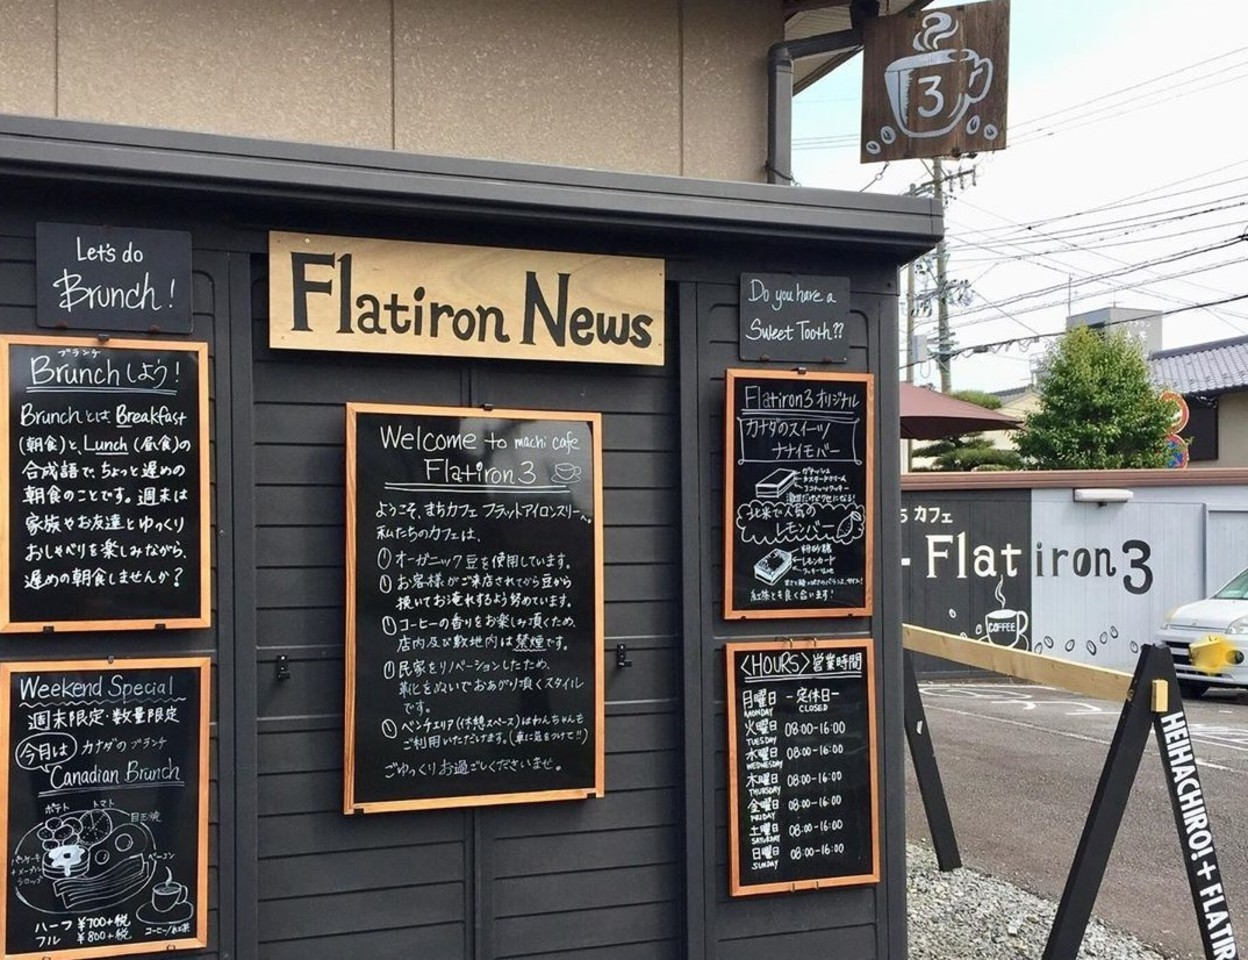 英会話レッスンも...三重県桑名市三崎通の「まちカフェフラットアイロン3」